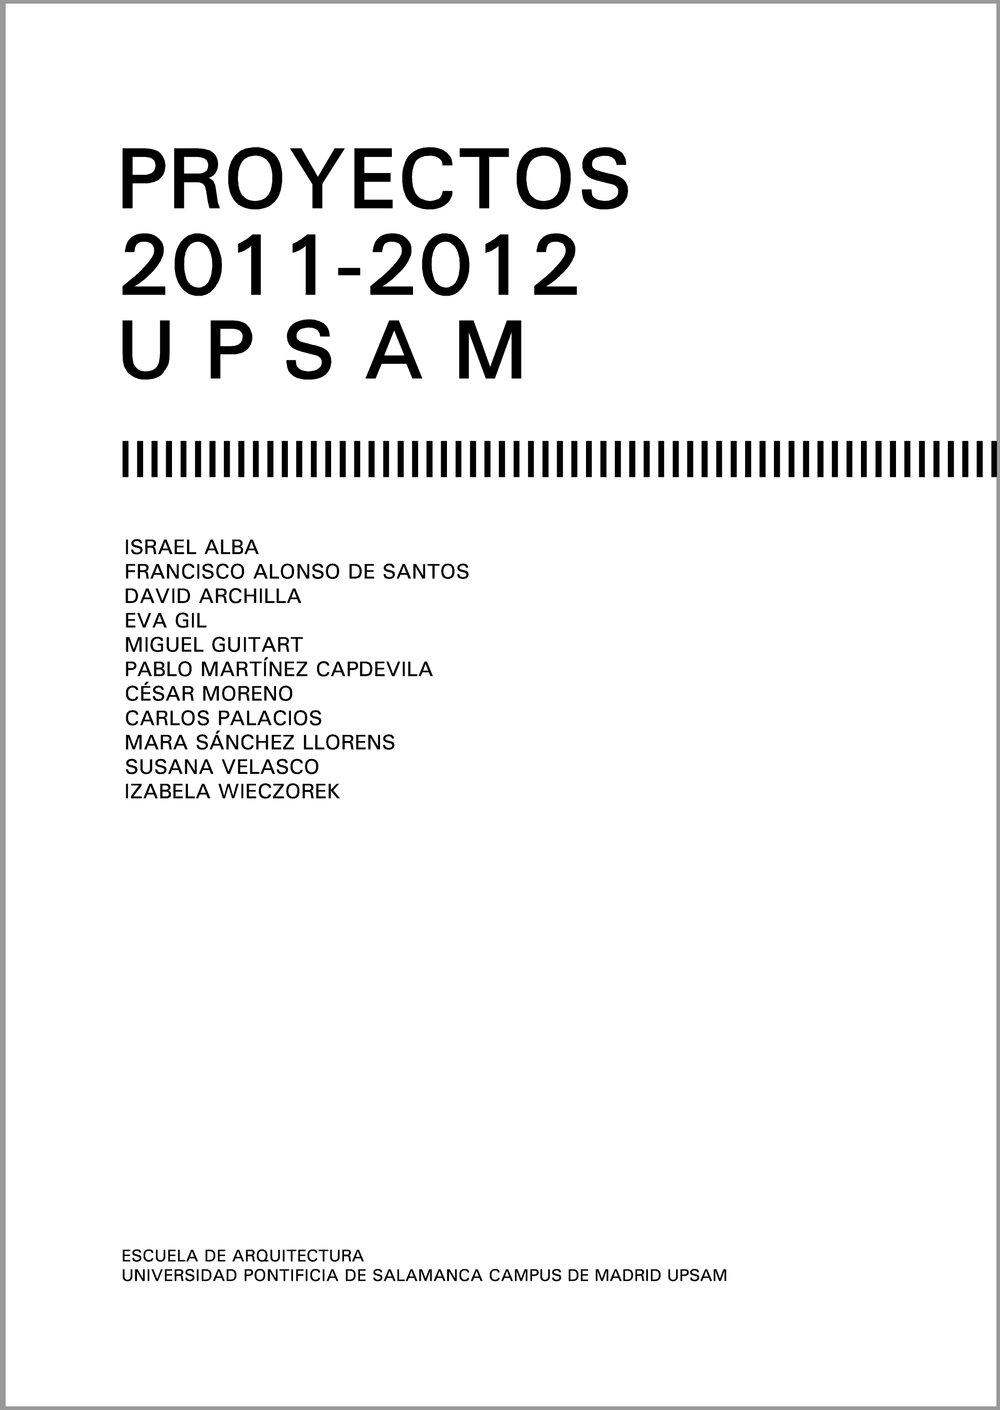 Miguel Guitart_Proyectos UPSAM 2011-2012.jpg